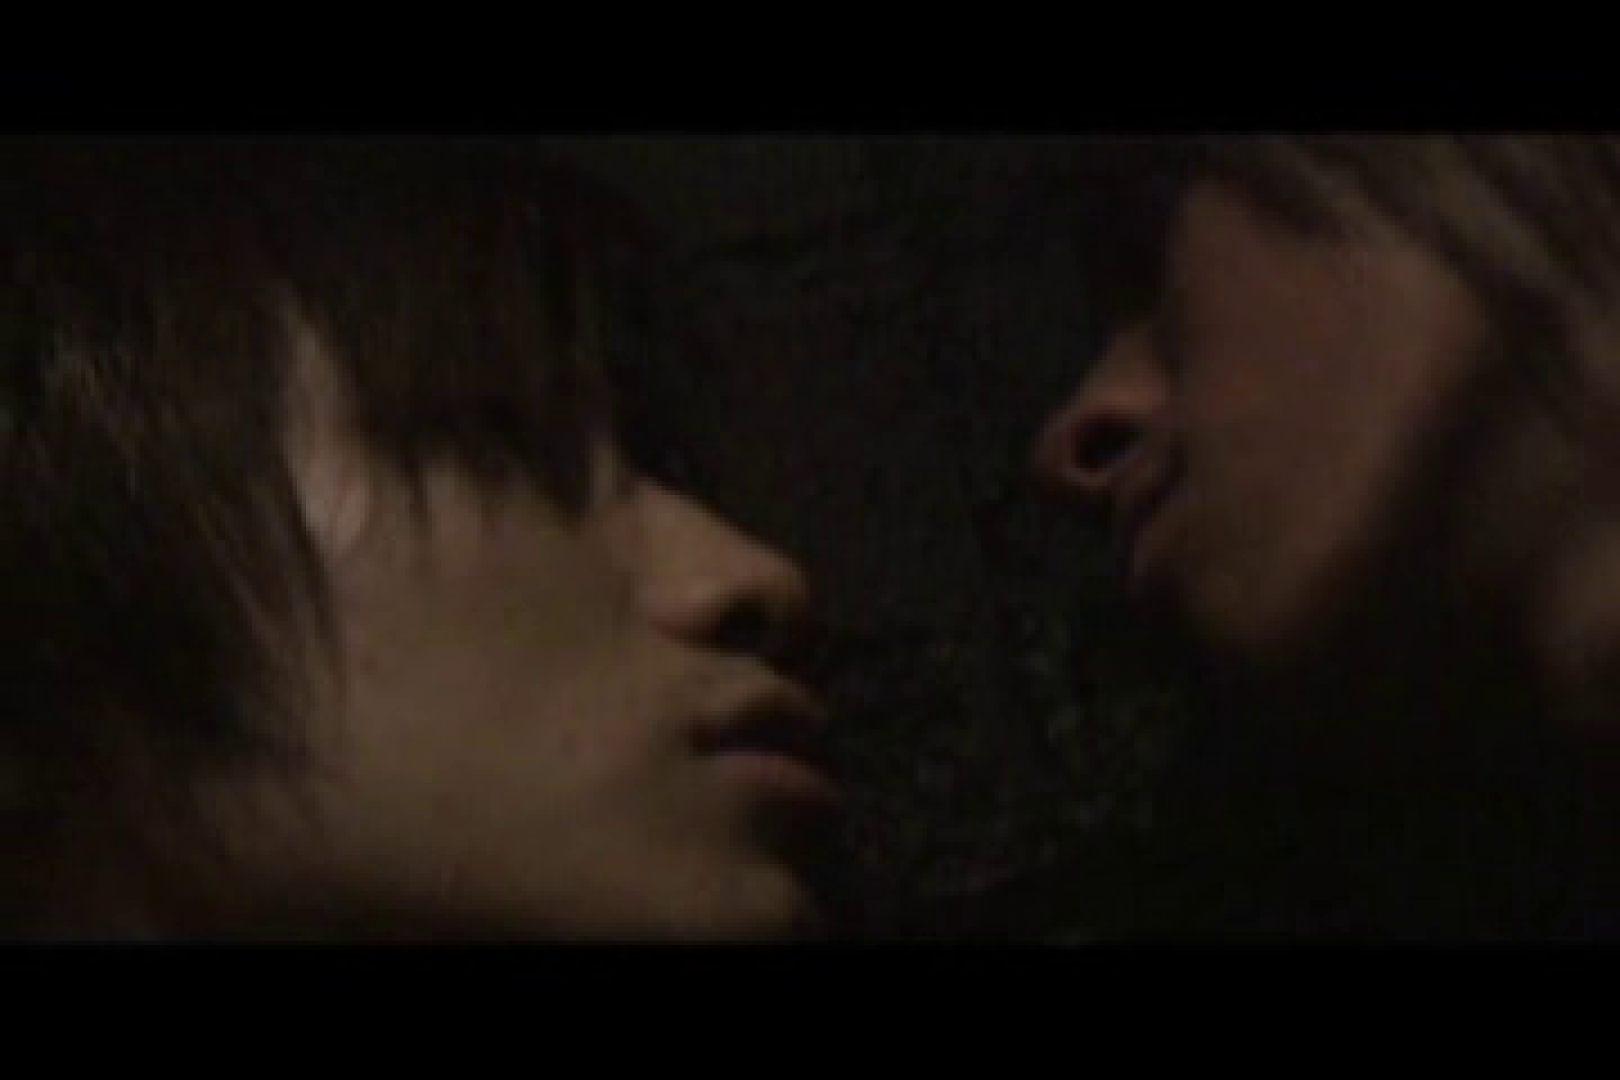 イケメン,s VOL.4 KISS ゲイアダルトビデオ画像 91pic 36